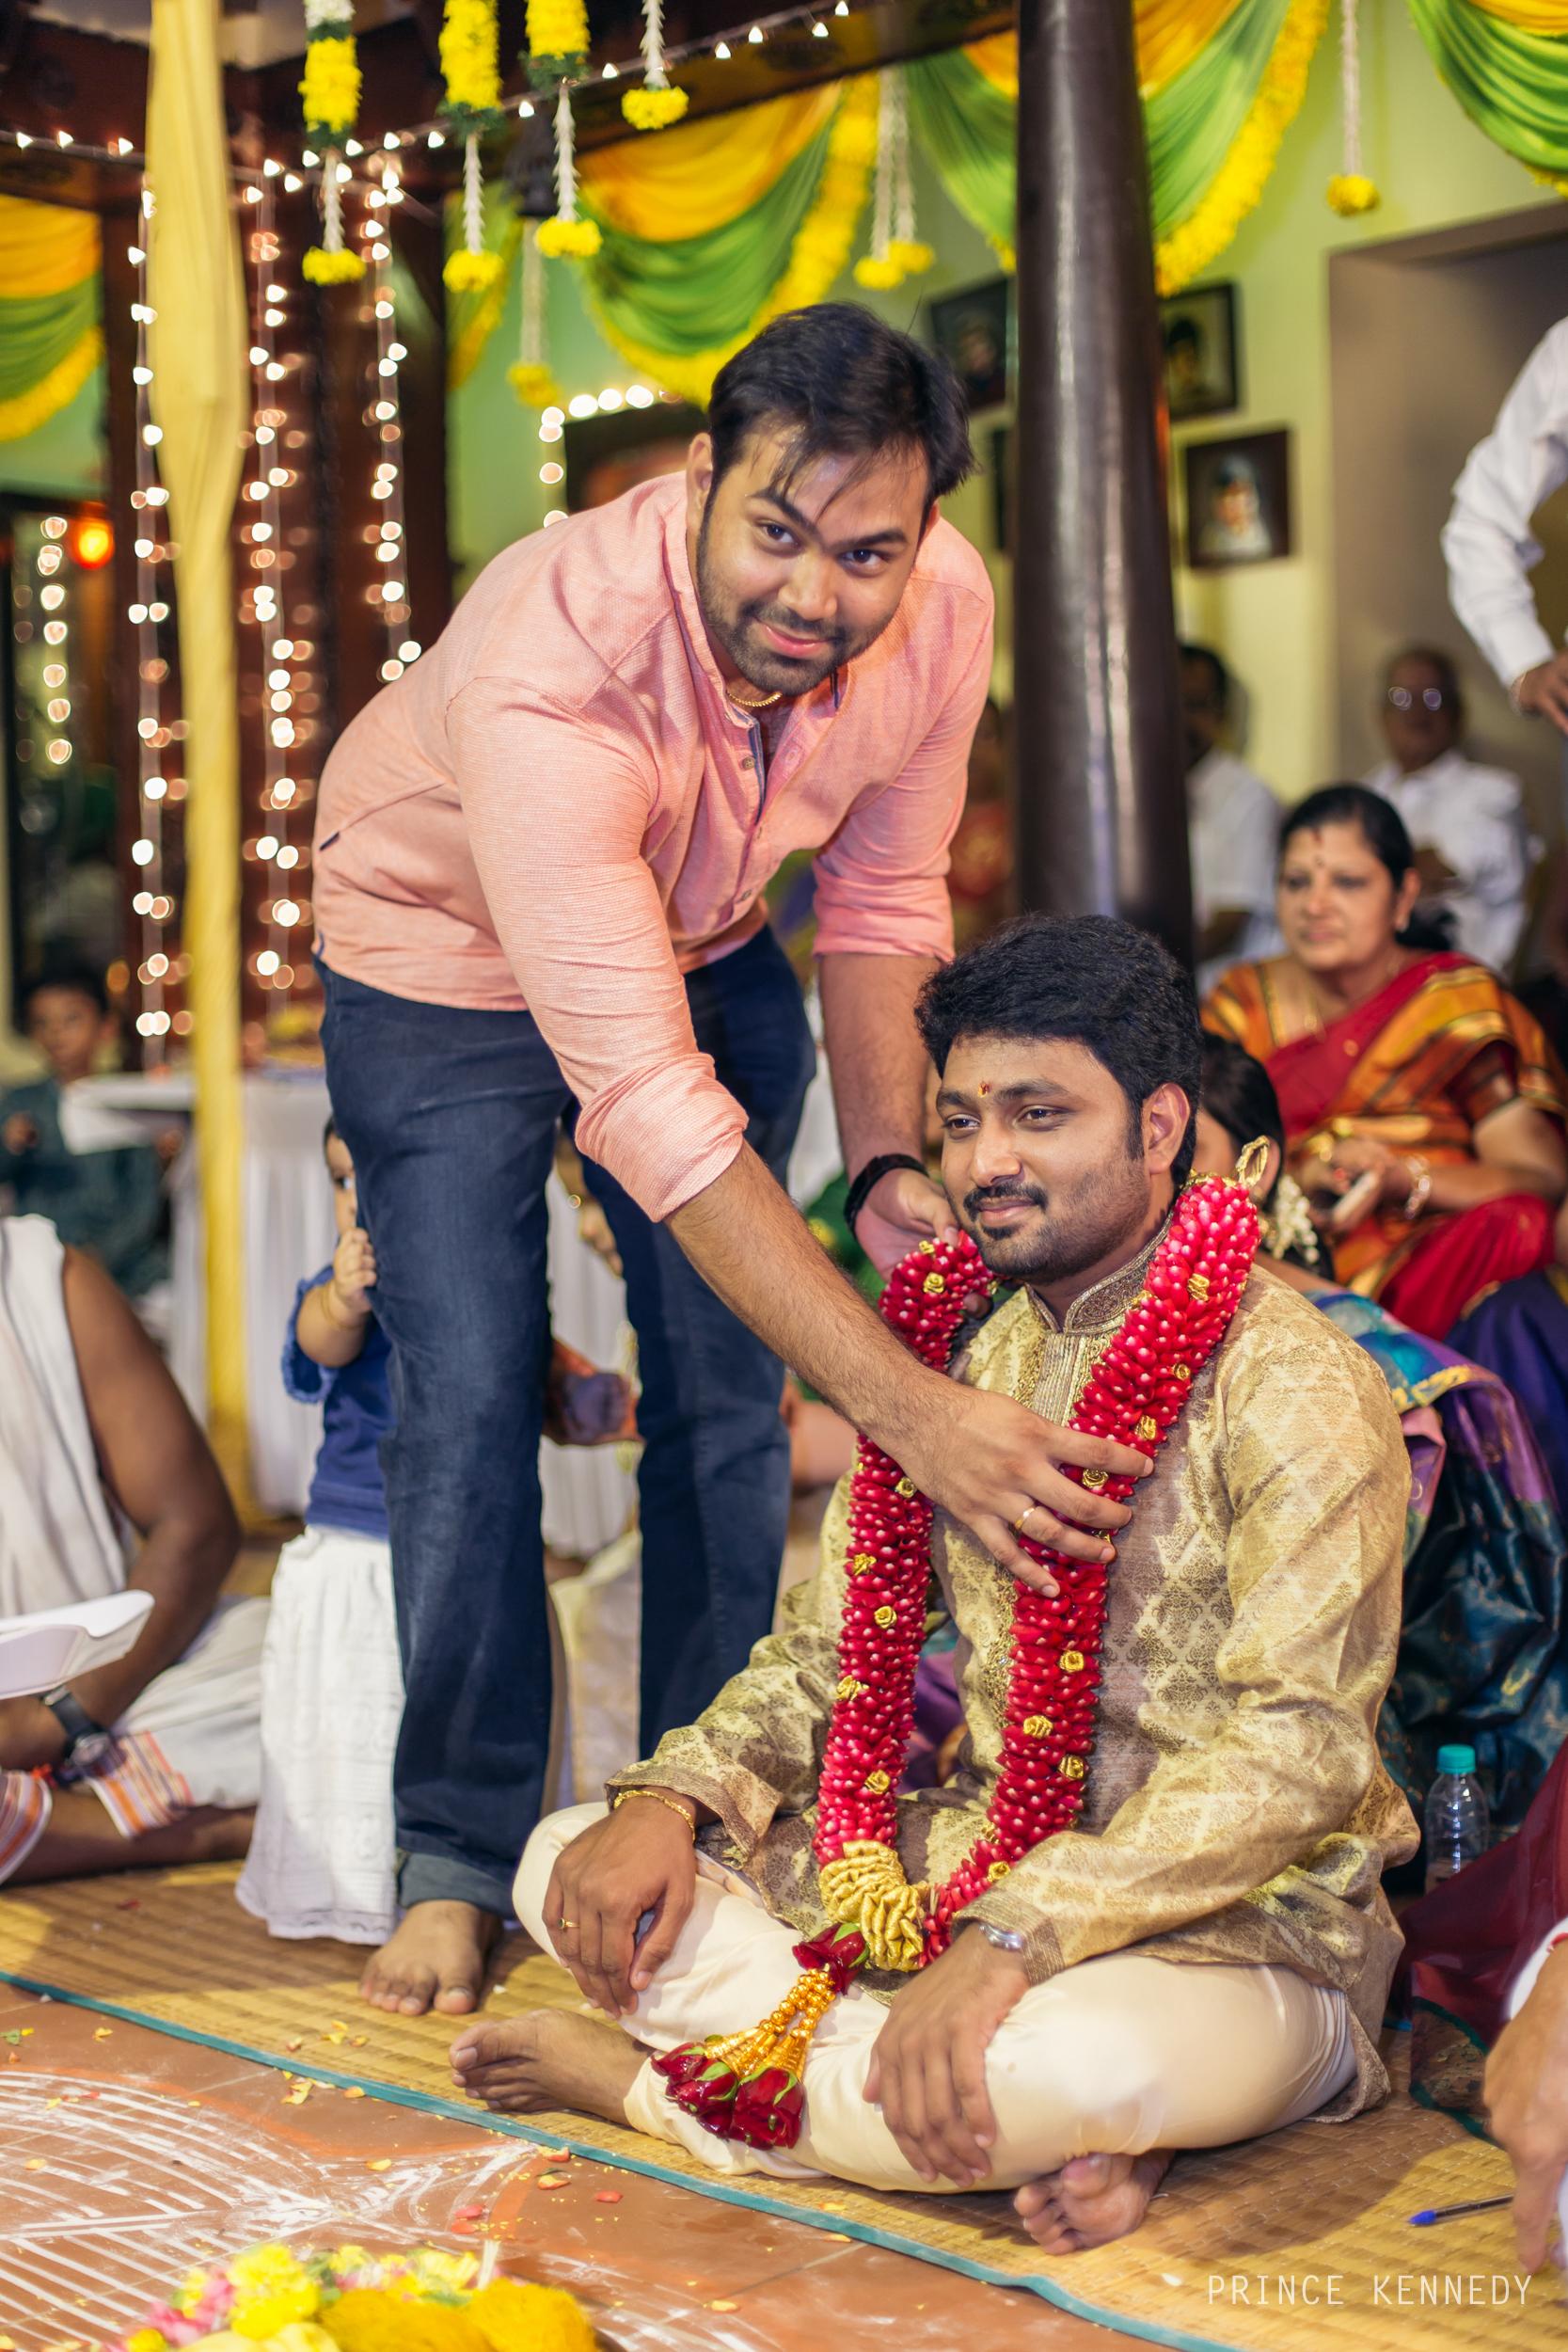 Engagement-Couple-Portrait-Portraiture-Wedding-Couple-Portrait-Chennai-Photographer-Candid-Photography-Destination-Best-Prince-Kennedy-Photography-202.jpg